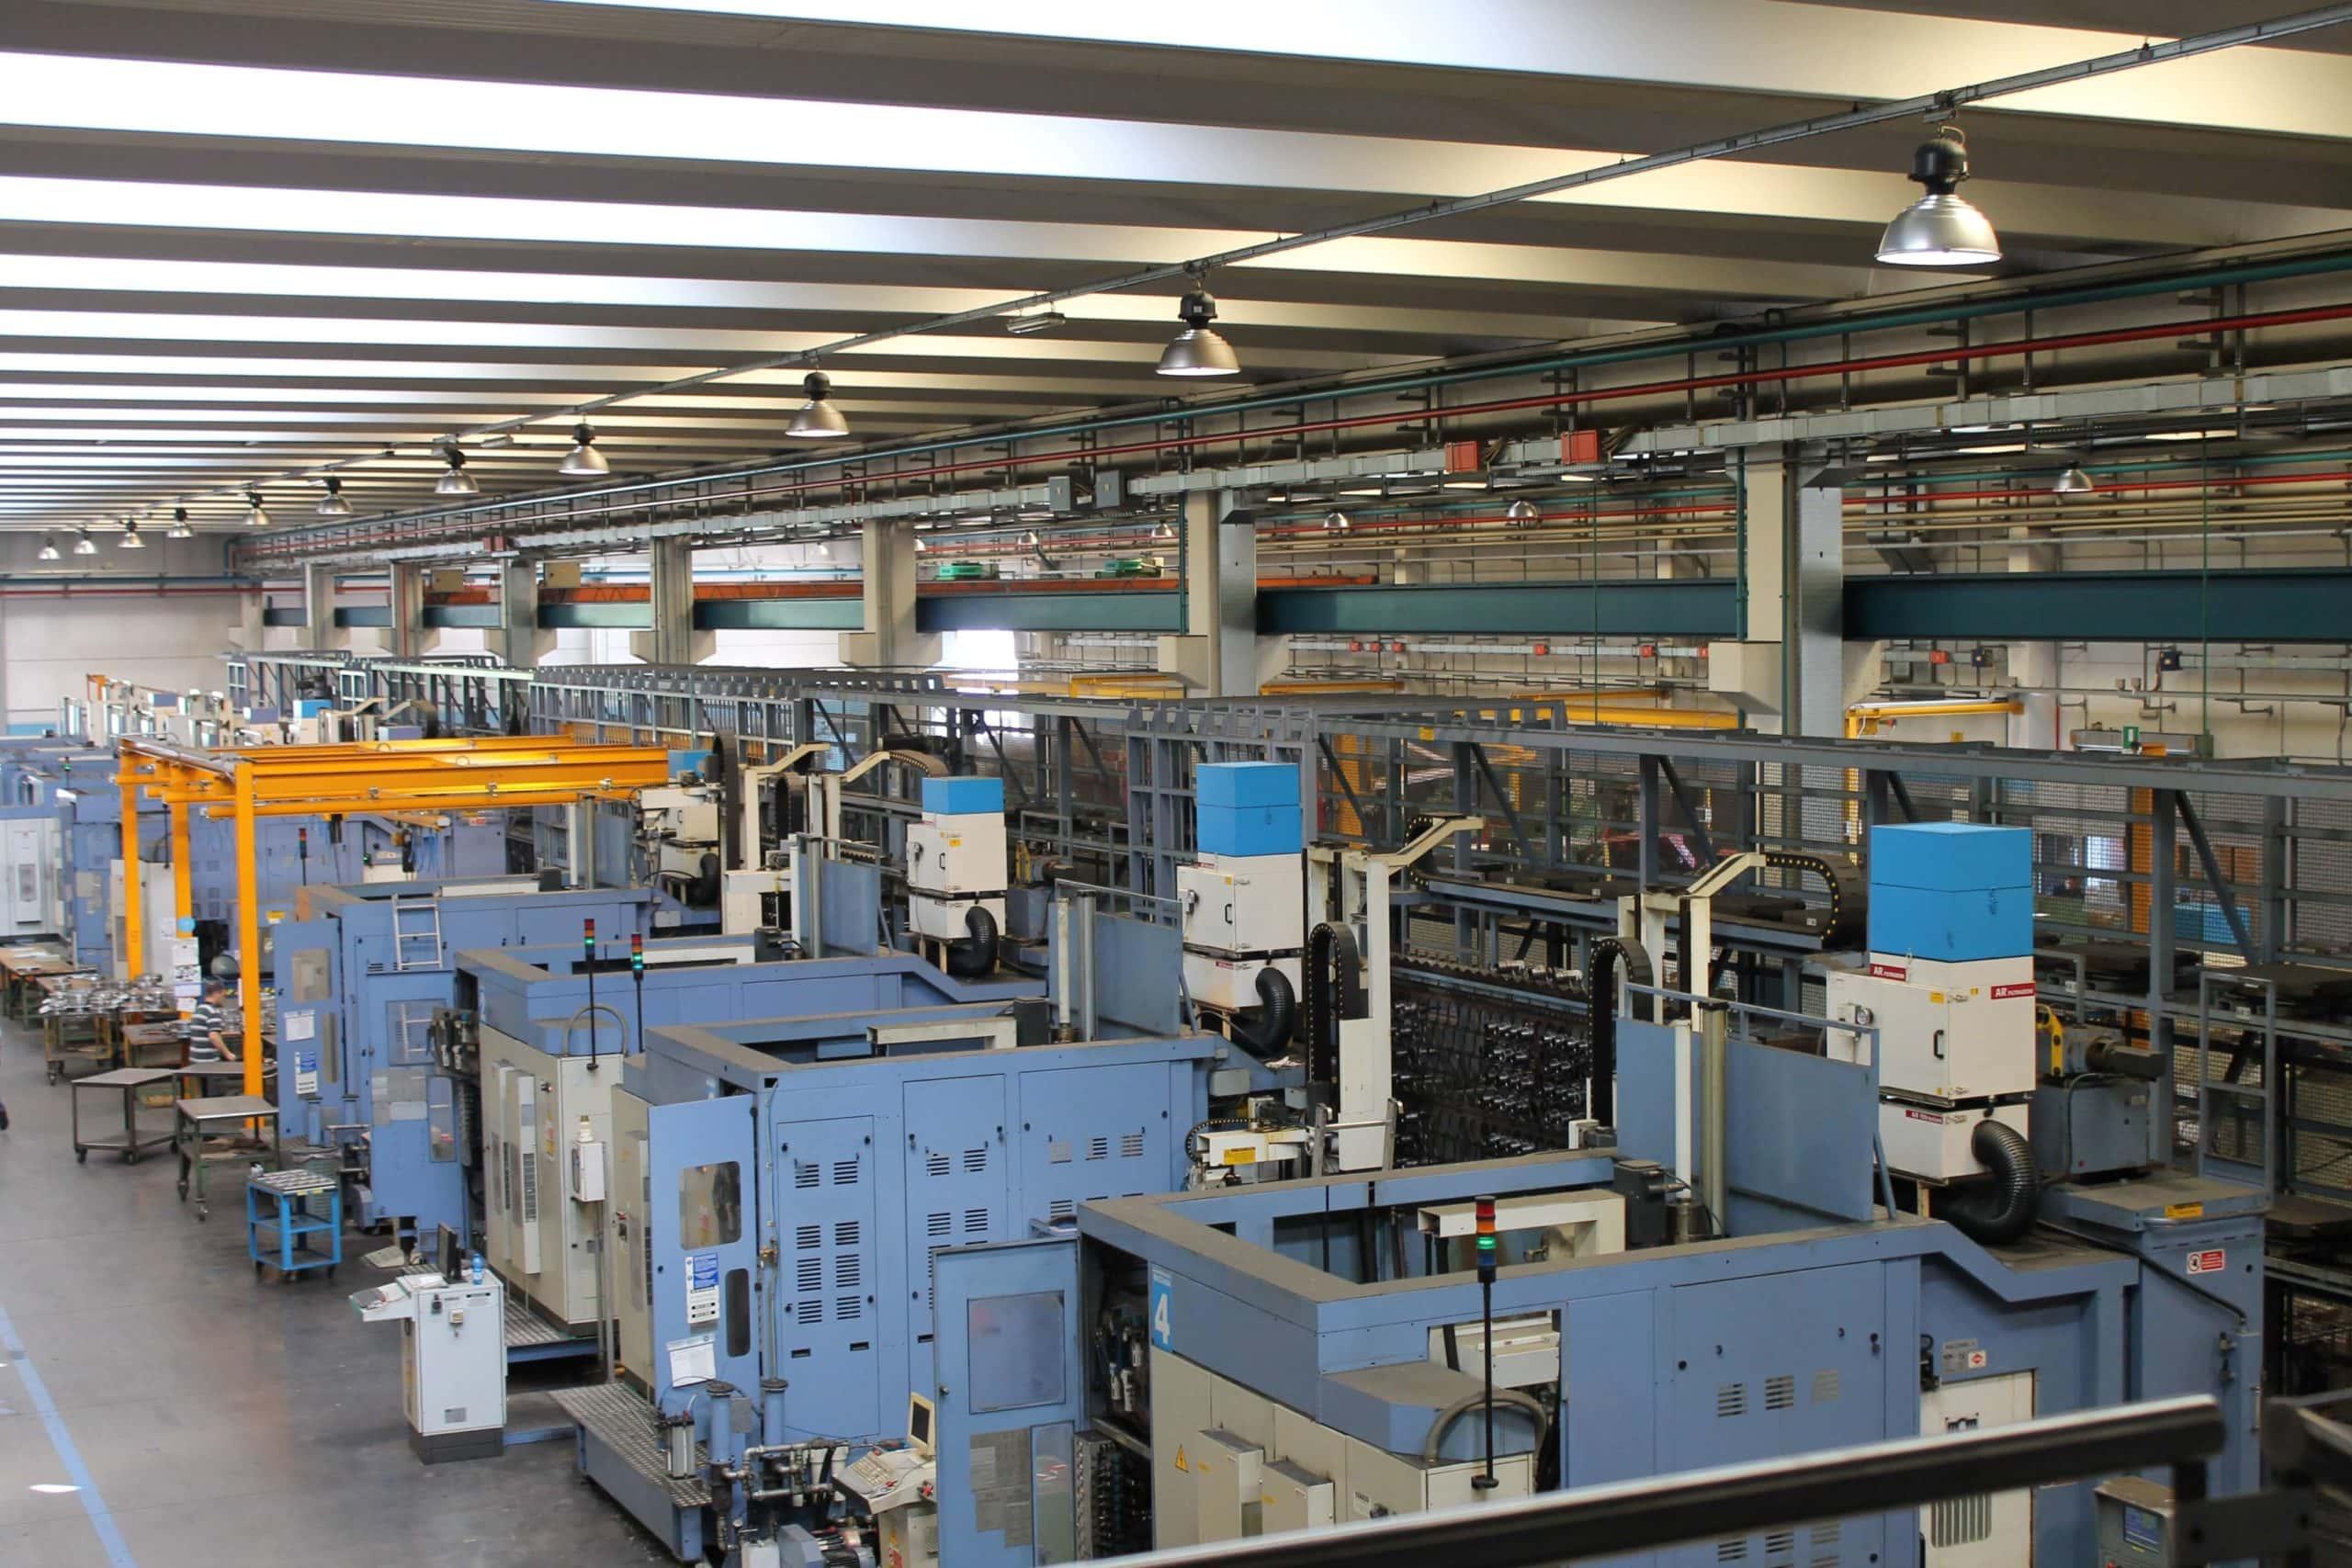 Filtri industriali di nebbie oleose per torni, rettifiche e centri di lavoro cnc